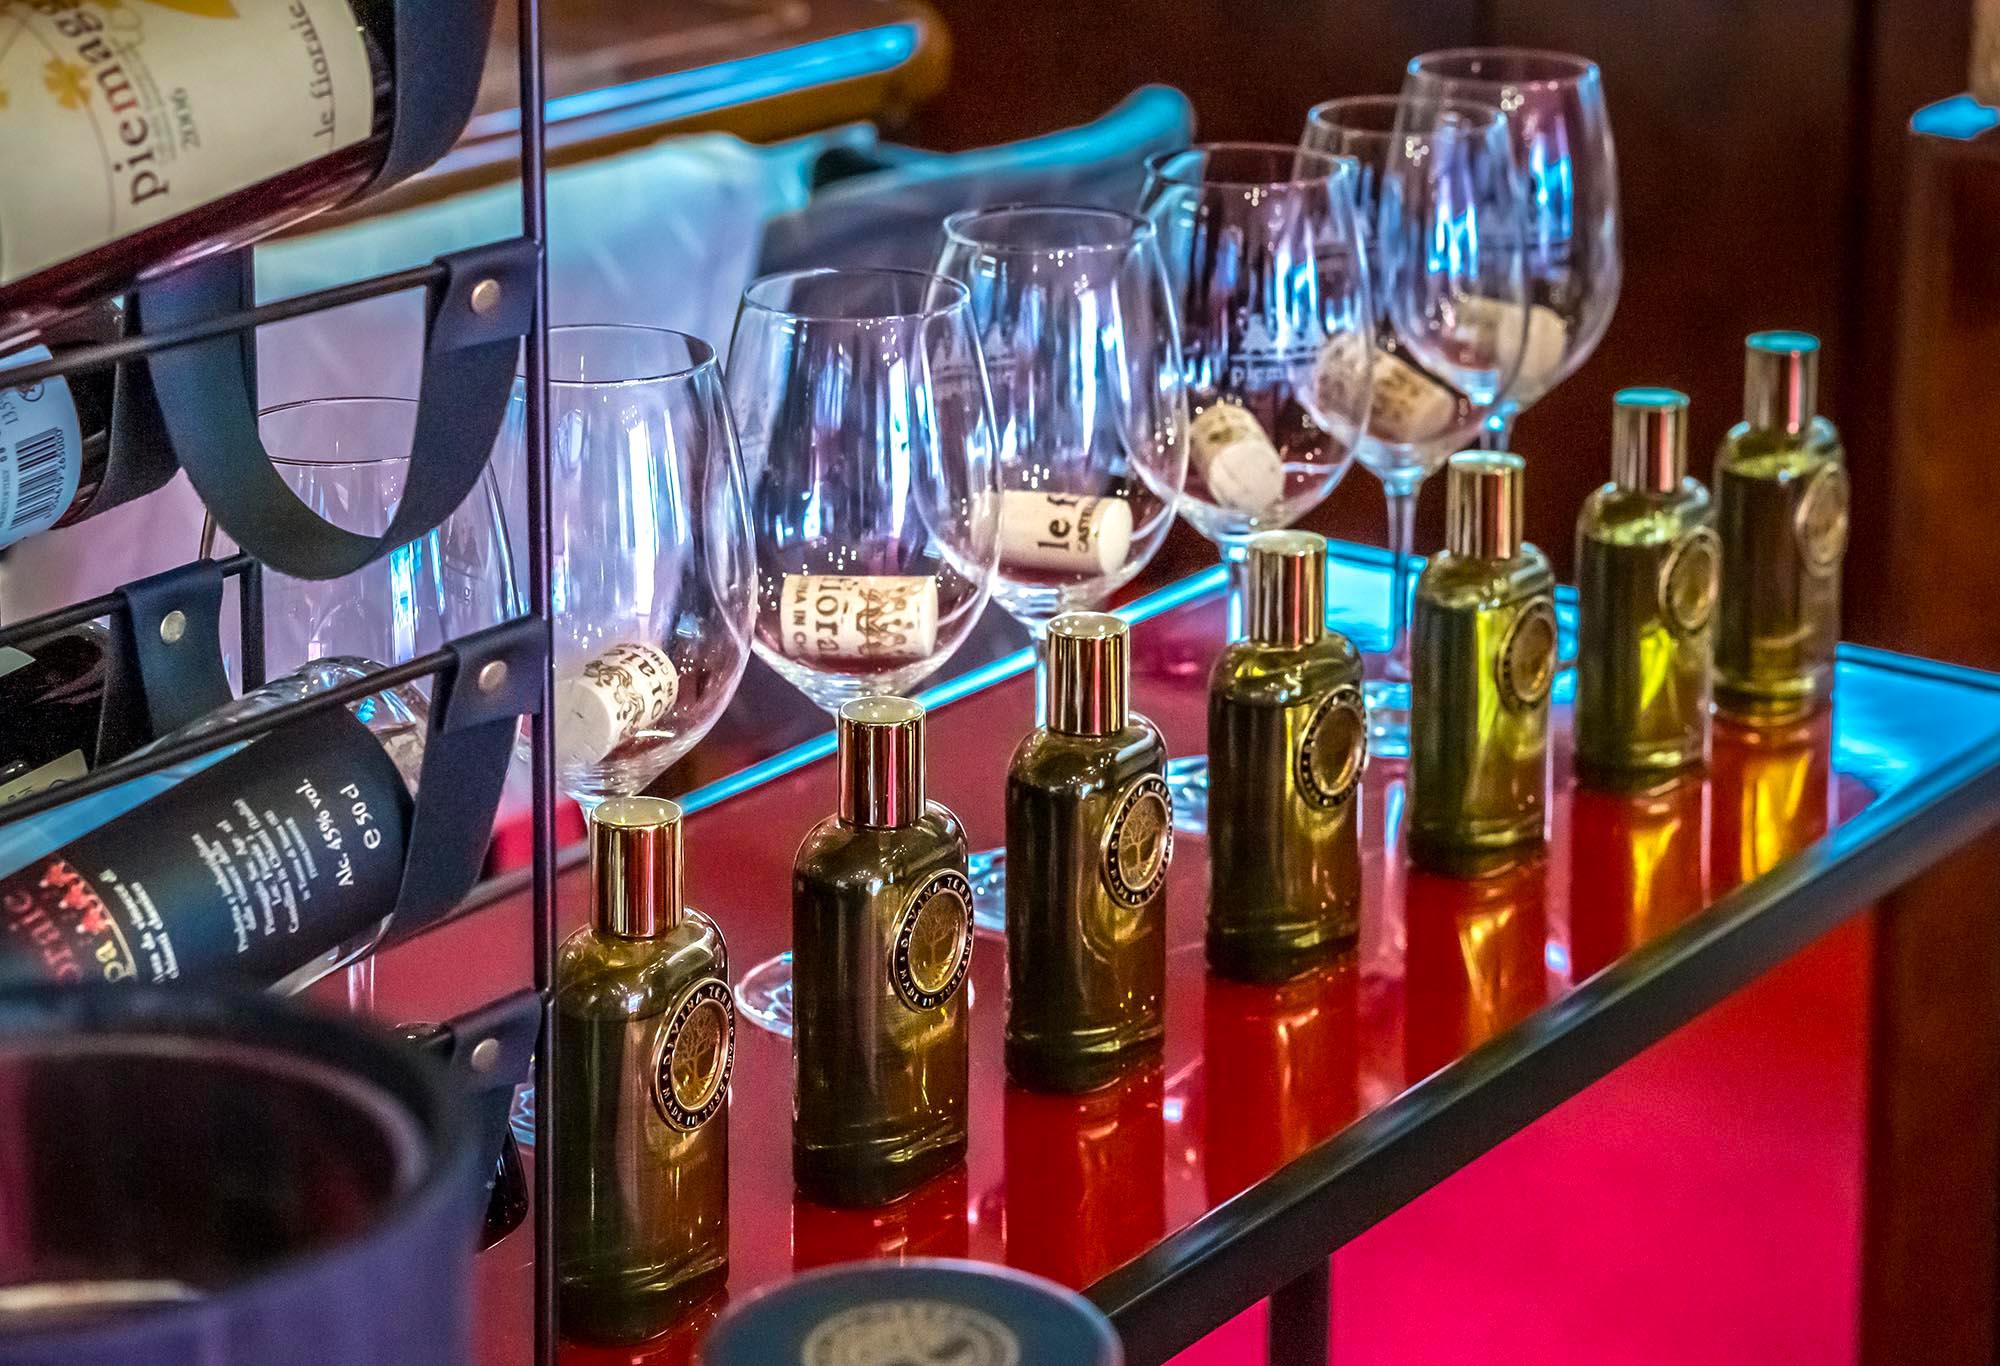 Итальянское вино, парфюмы и уход с русской душой: Piemaggio, Divina Terra & Divina Bellezza